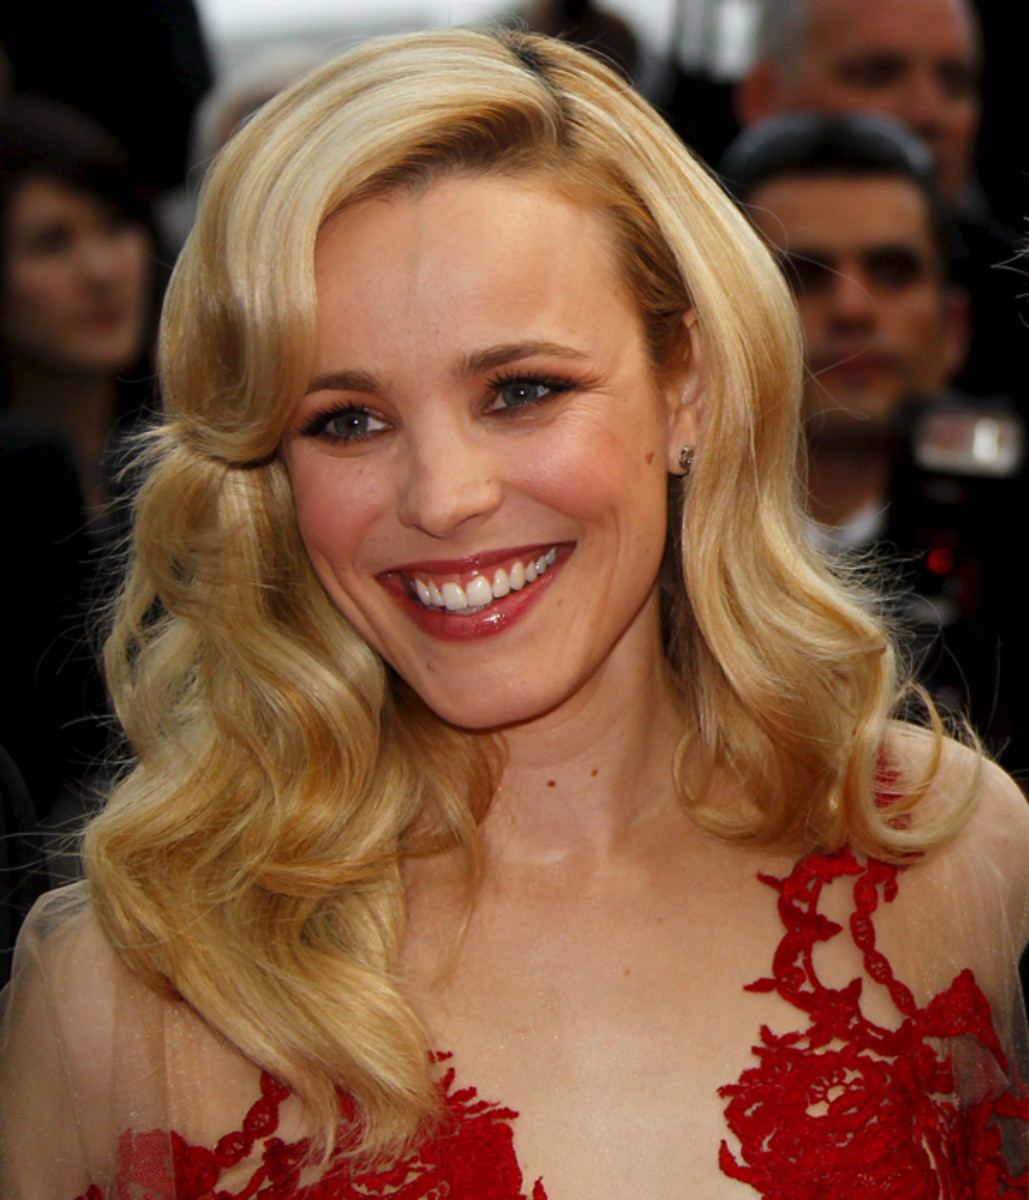 Rachel-McAdams-Midnight-In-Paris-Premiere-Cannes-2011-2